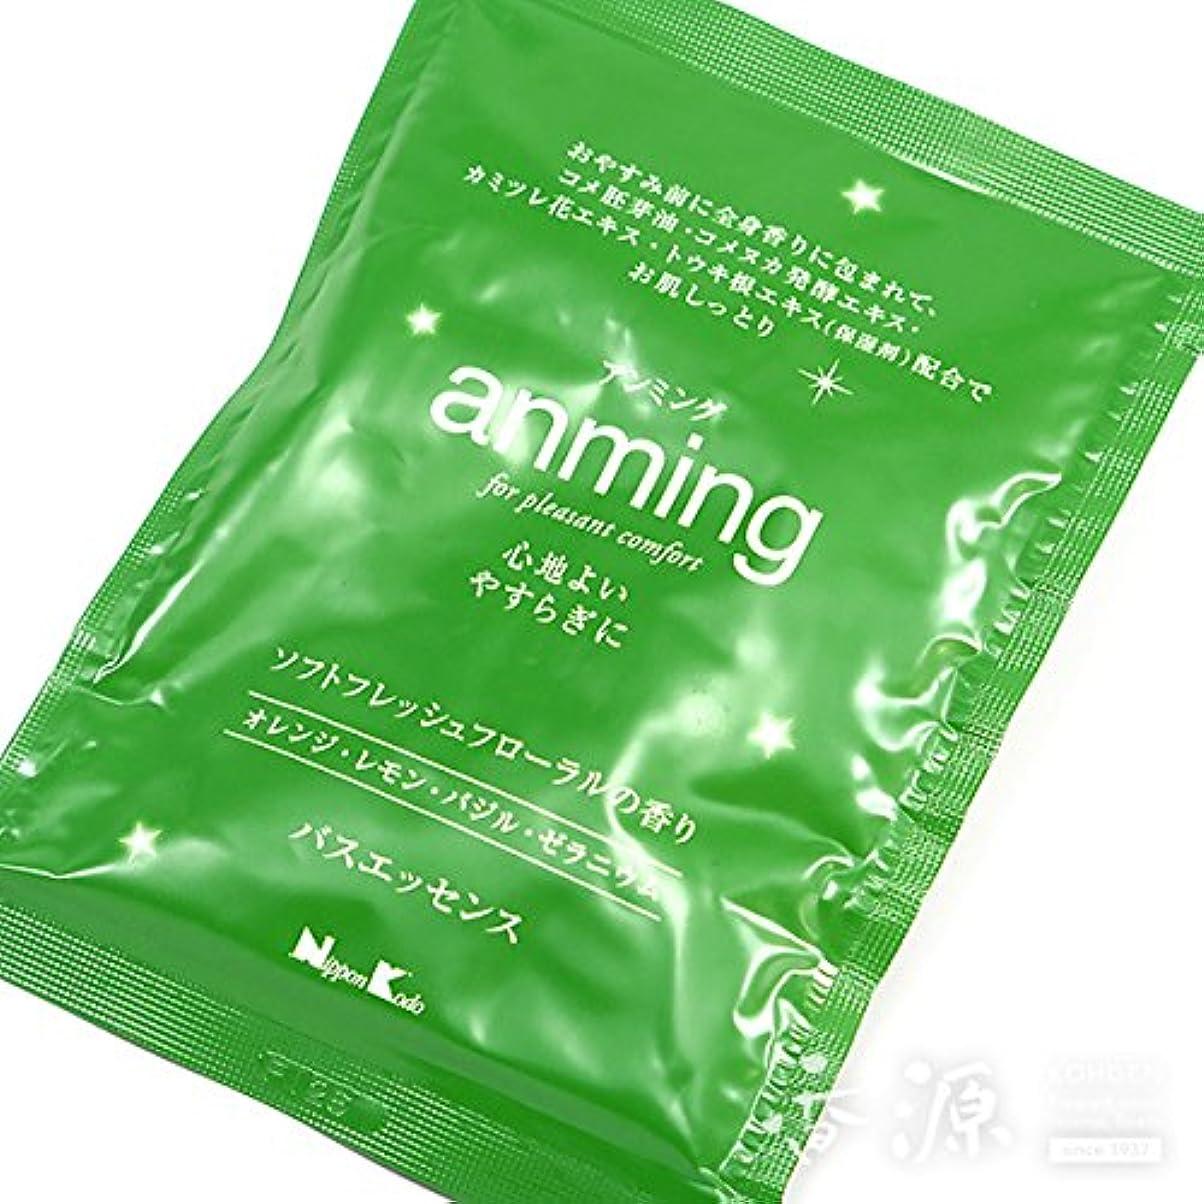 乱気流賞賛フィードオン日本香堂の入浴剤 アンミング(anming)バスエッセンス ミニタイプ